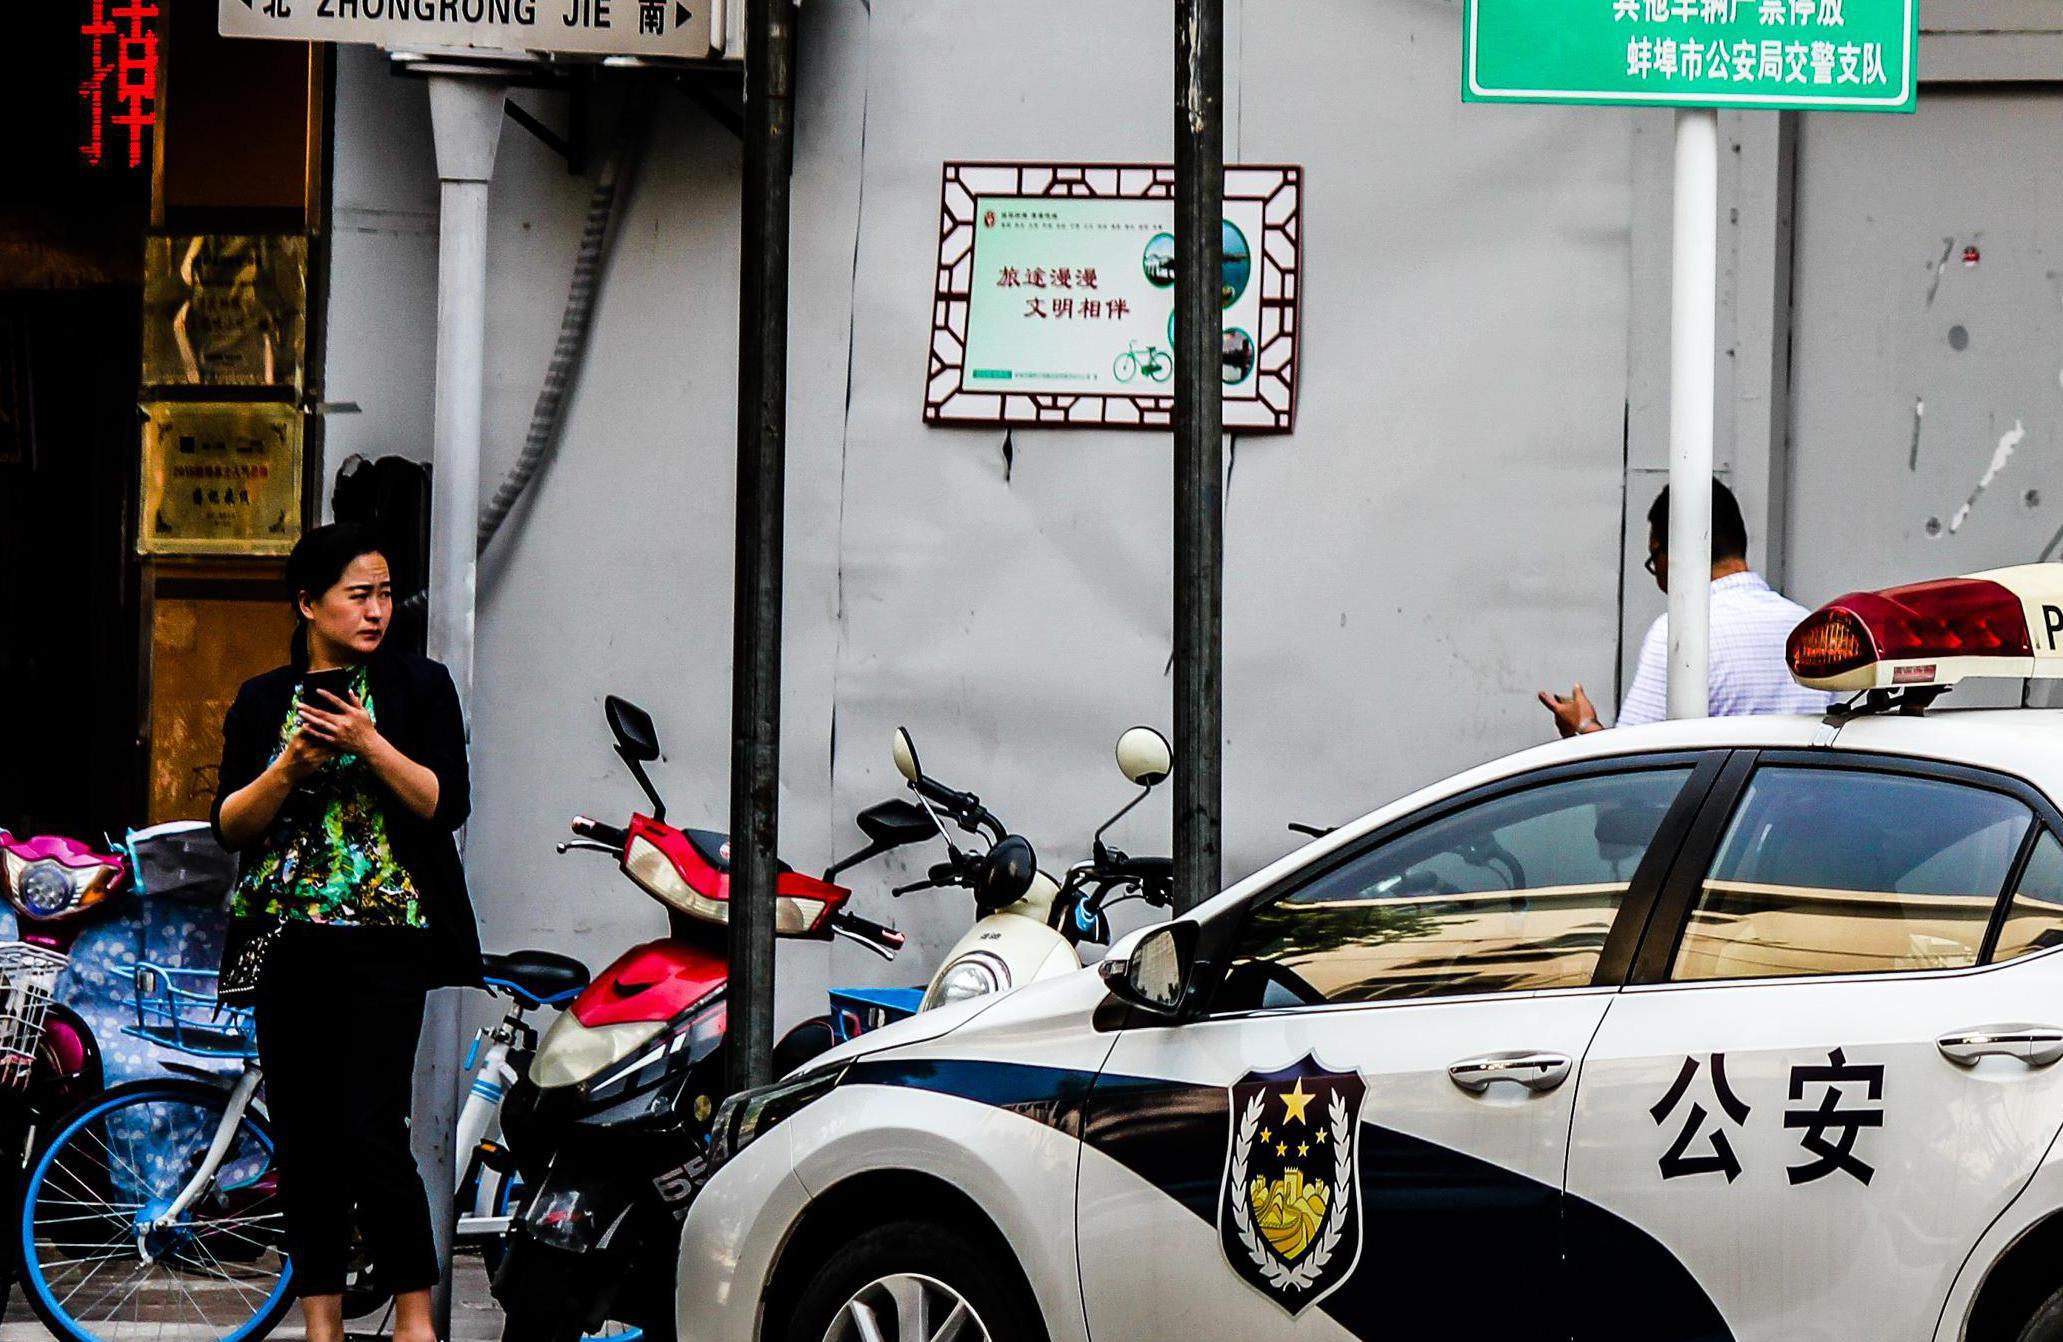 7000 BTC Loss in Bitcoin Exchange Scam in Hangzhou